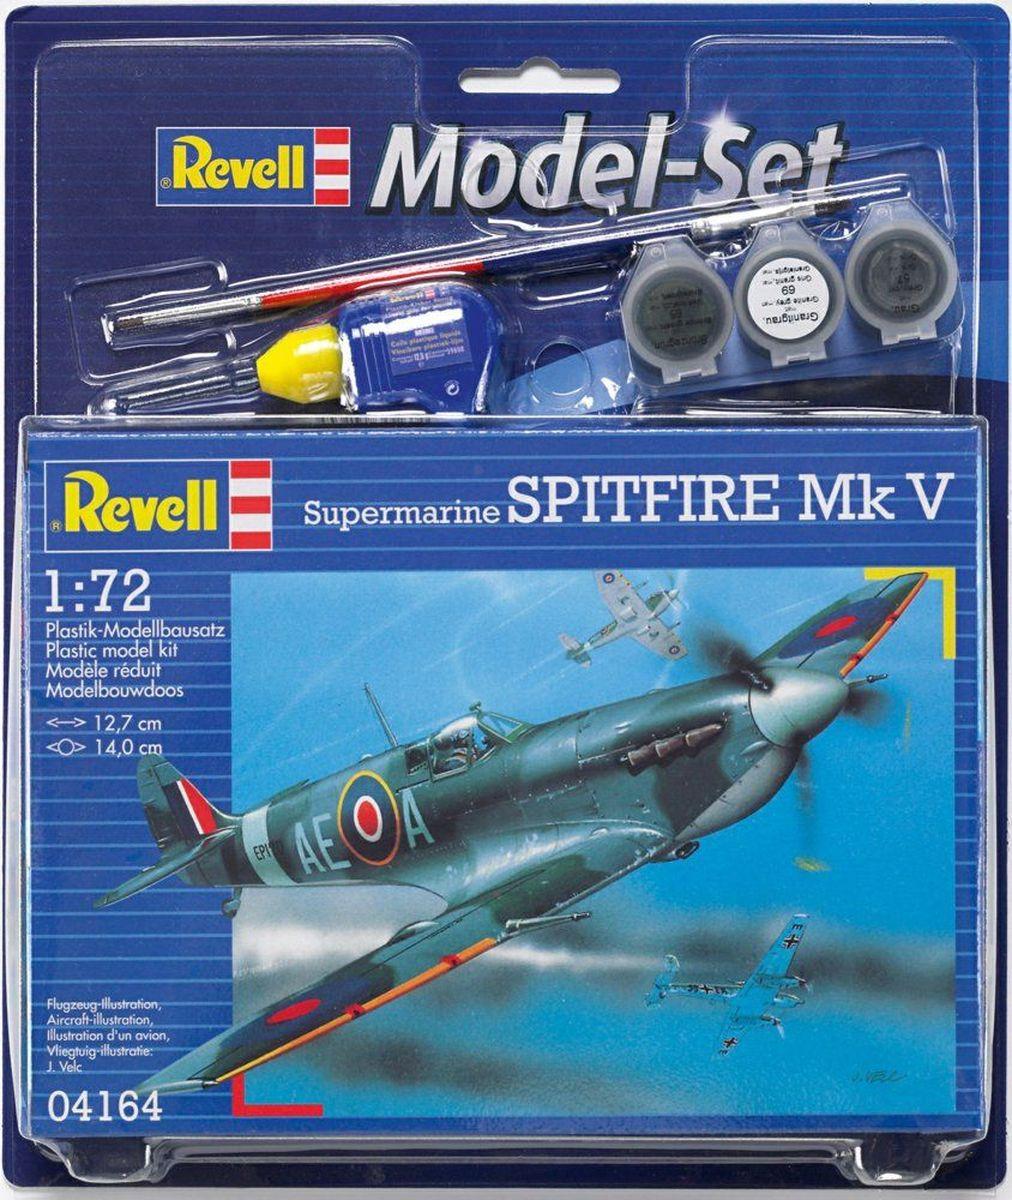 Revell Набор для сборки и раскрашивания Cамолет Supermarine Spitfire Mk V64164Самолет Supermarine Spitfire Mk. V – наиболее известный английский истребитель Второй мировой. Всего было построено свыше 20 тысяч машин данной модели. Спитфаеры поставлялись по ленд-лизу в СССР. Модификации Mk.V активно использовались советскими летчиками в 1943 году во время боев над Украиной. Размах крыльев: 140 мм В набор входят клей, краски и кисточки для полноценной сборки